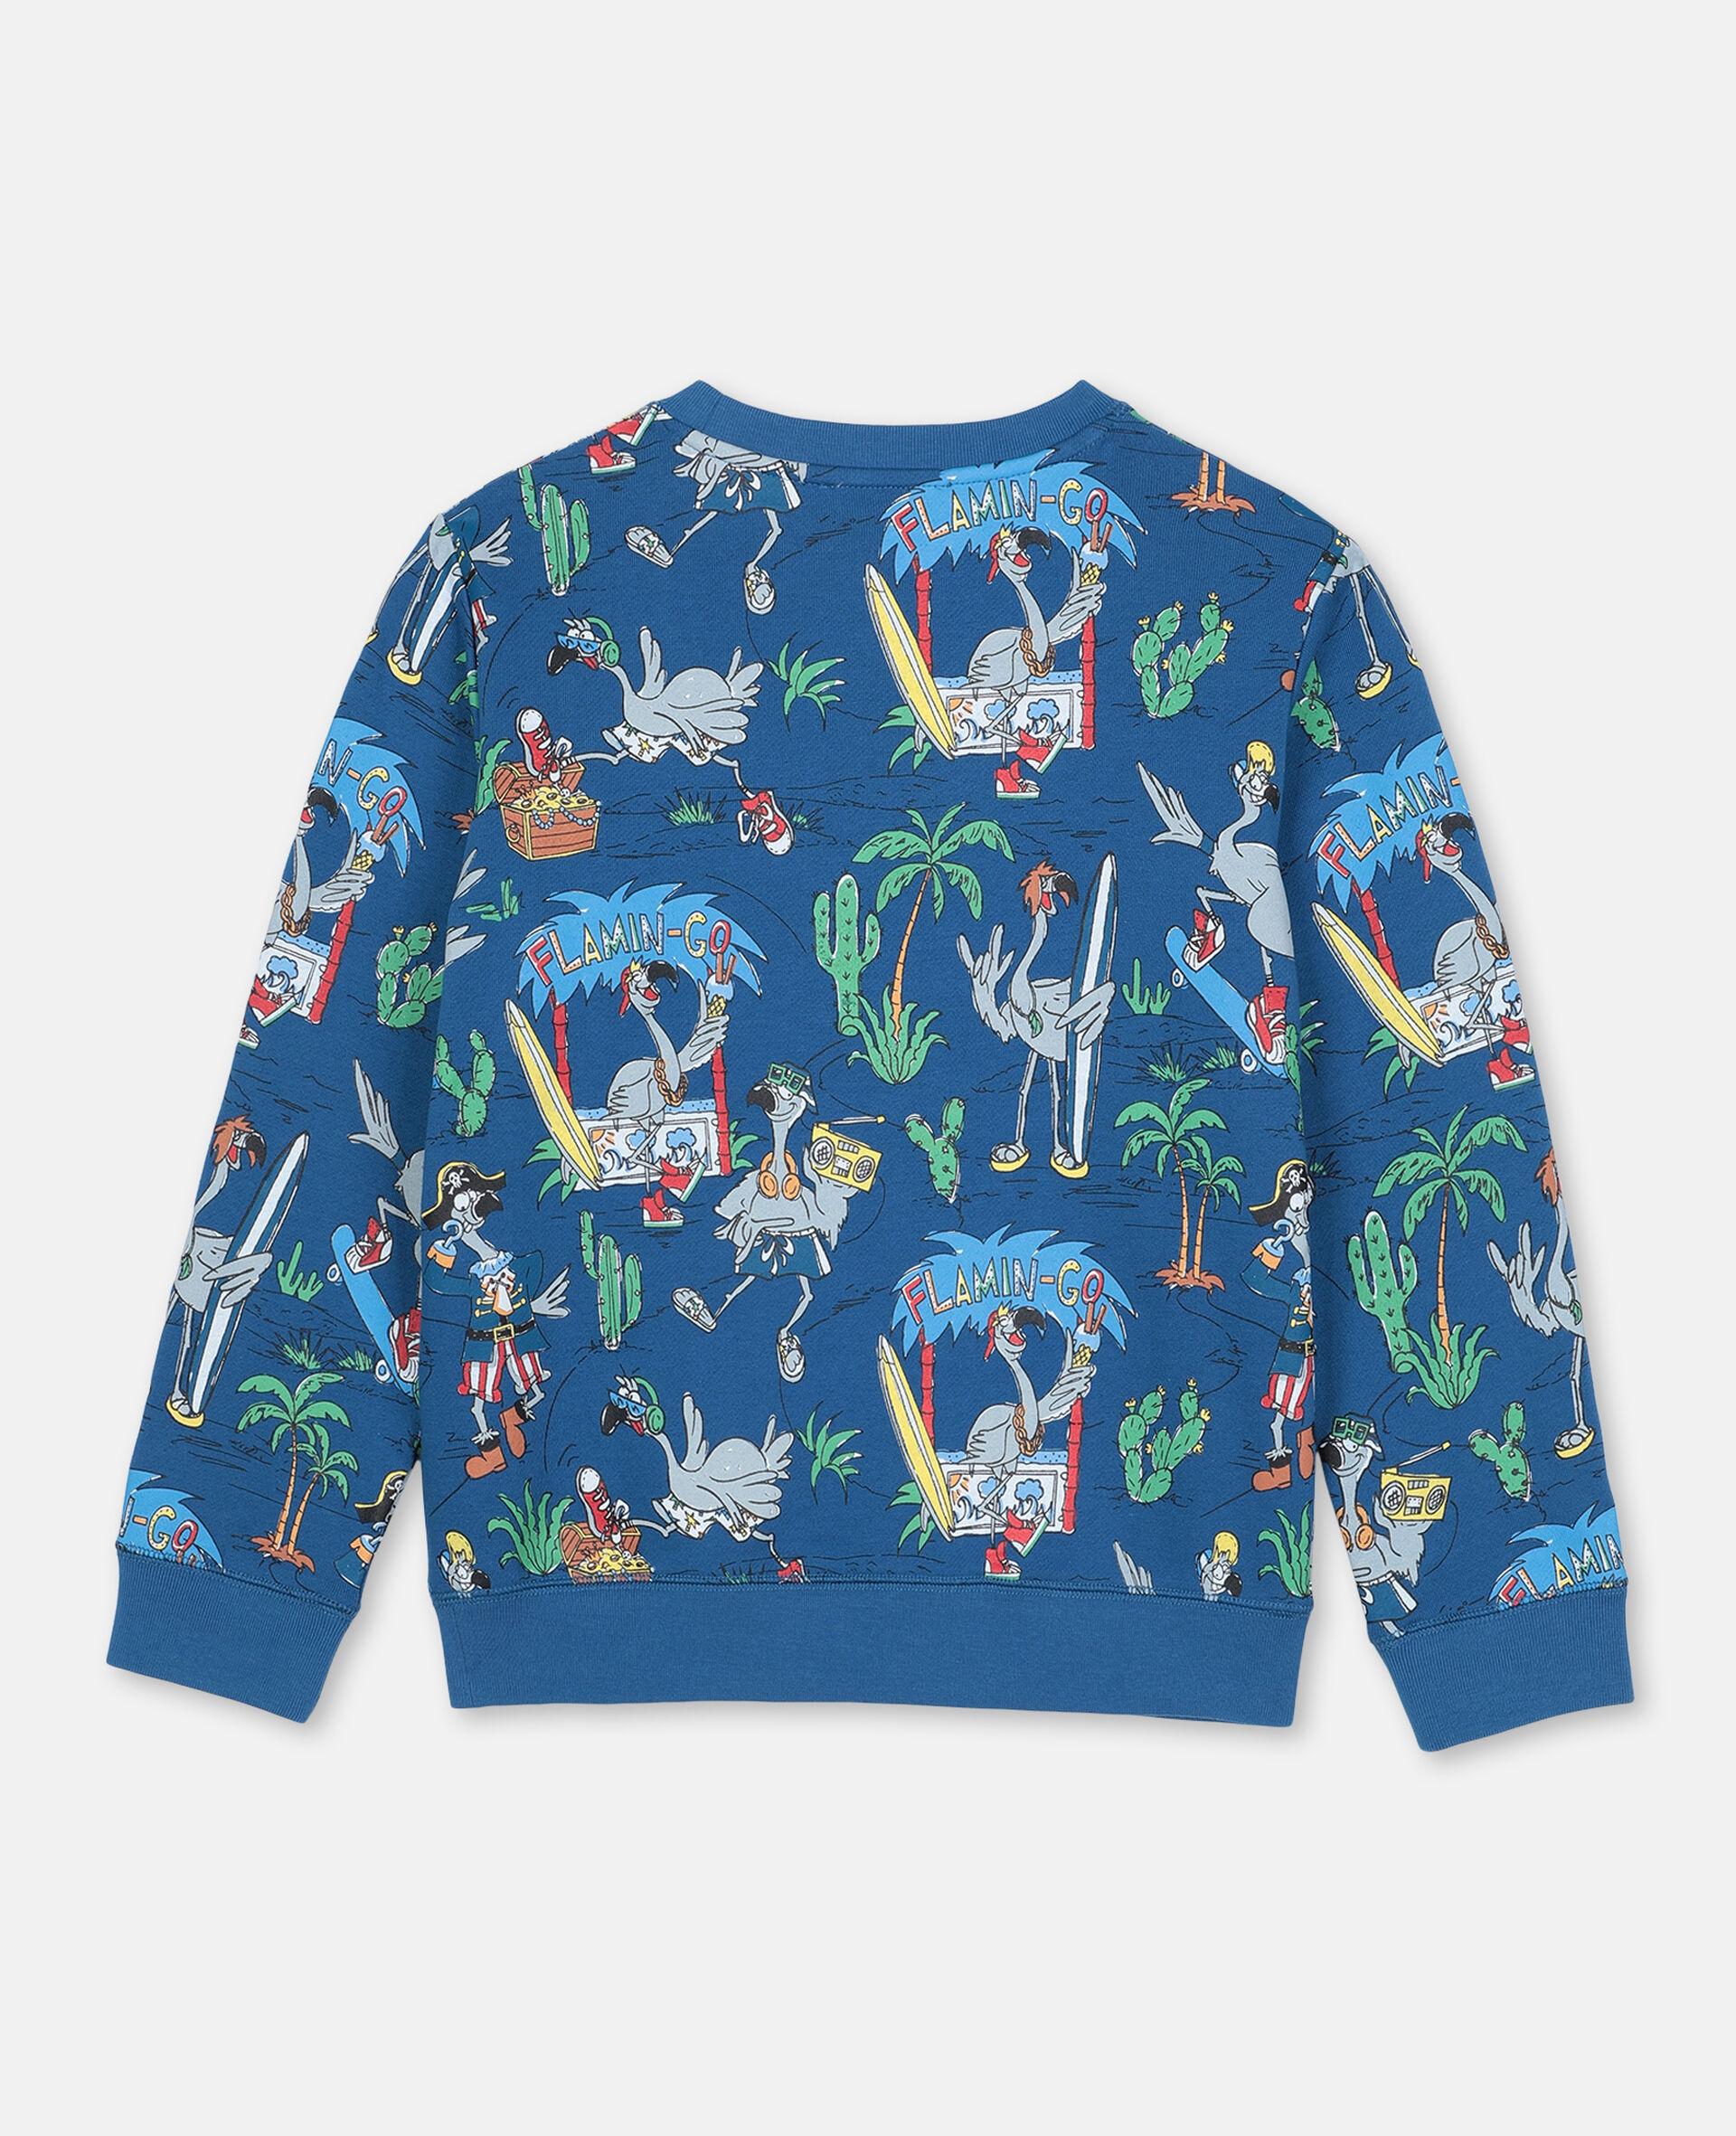 Flamingo Land Cotton Sweatshirt -Blue-large image number 3